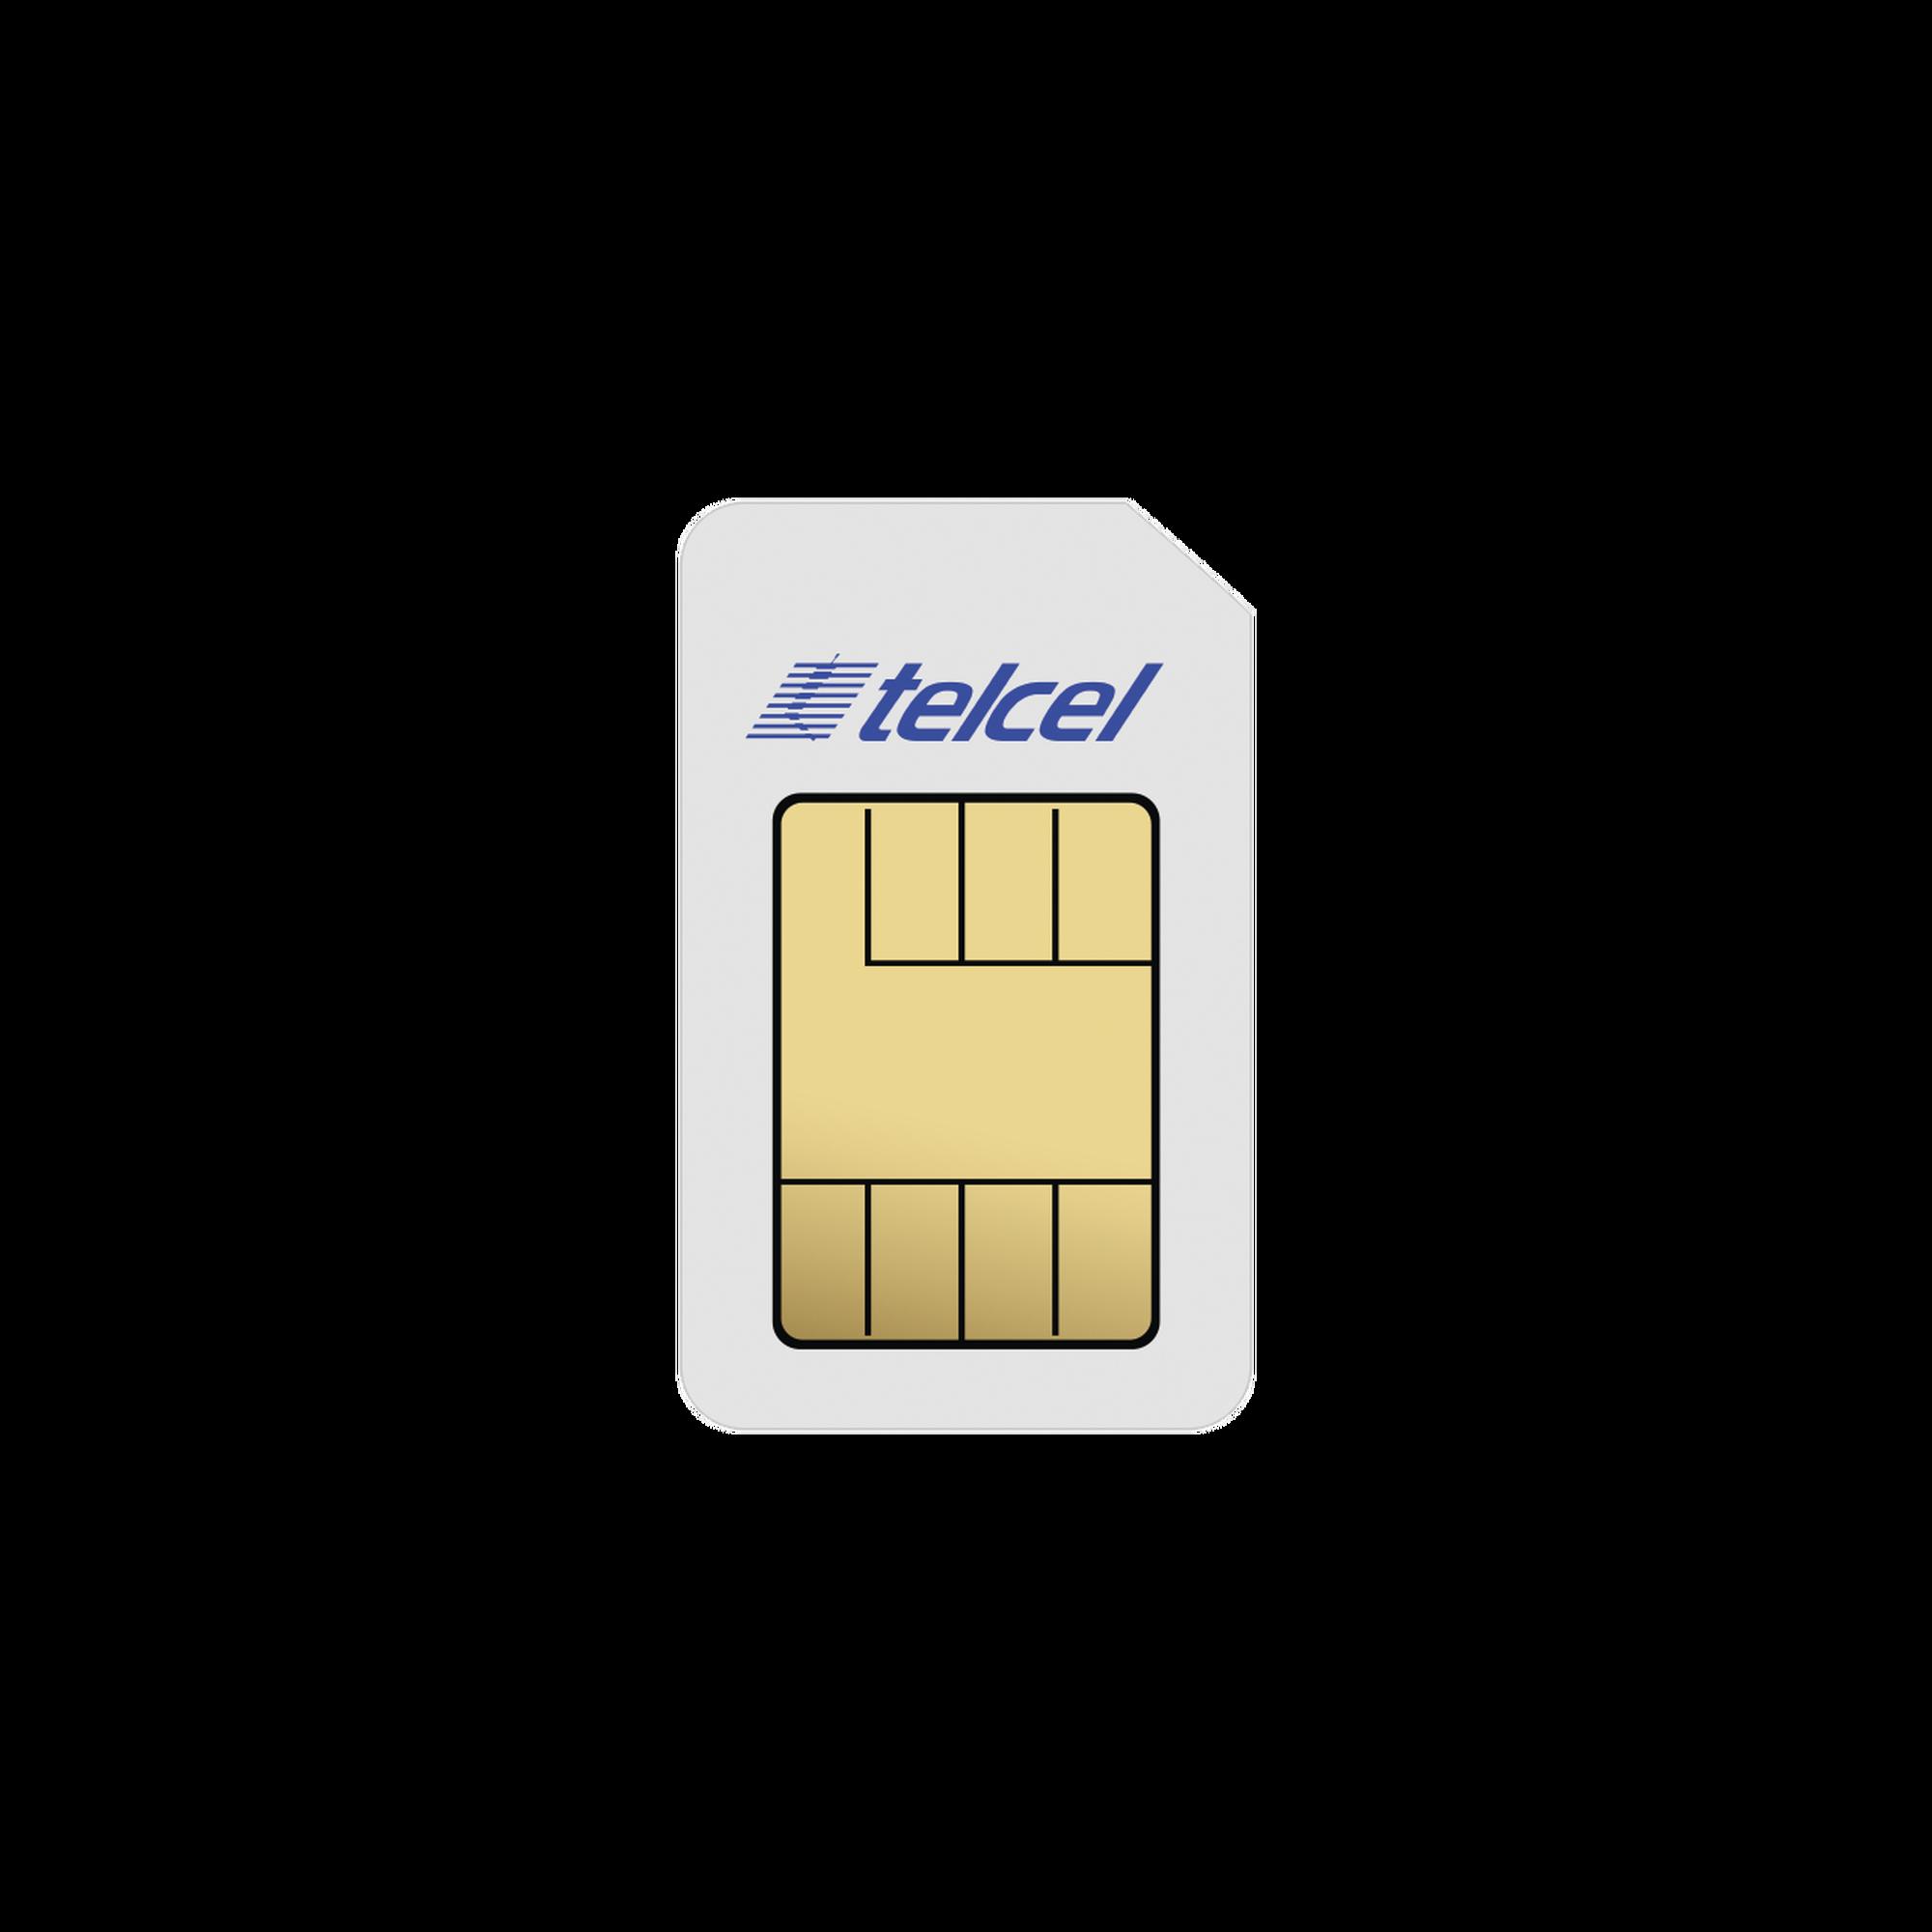 SIM de datos Telcel 4G con 10G mensuales, contrato de 1 año